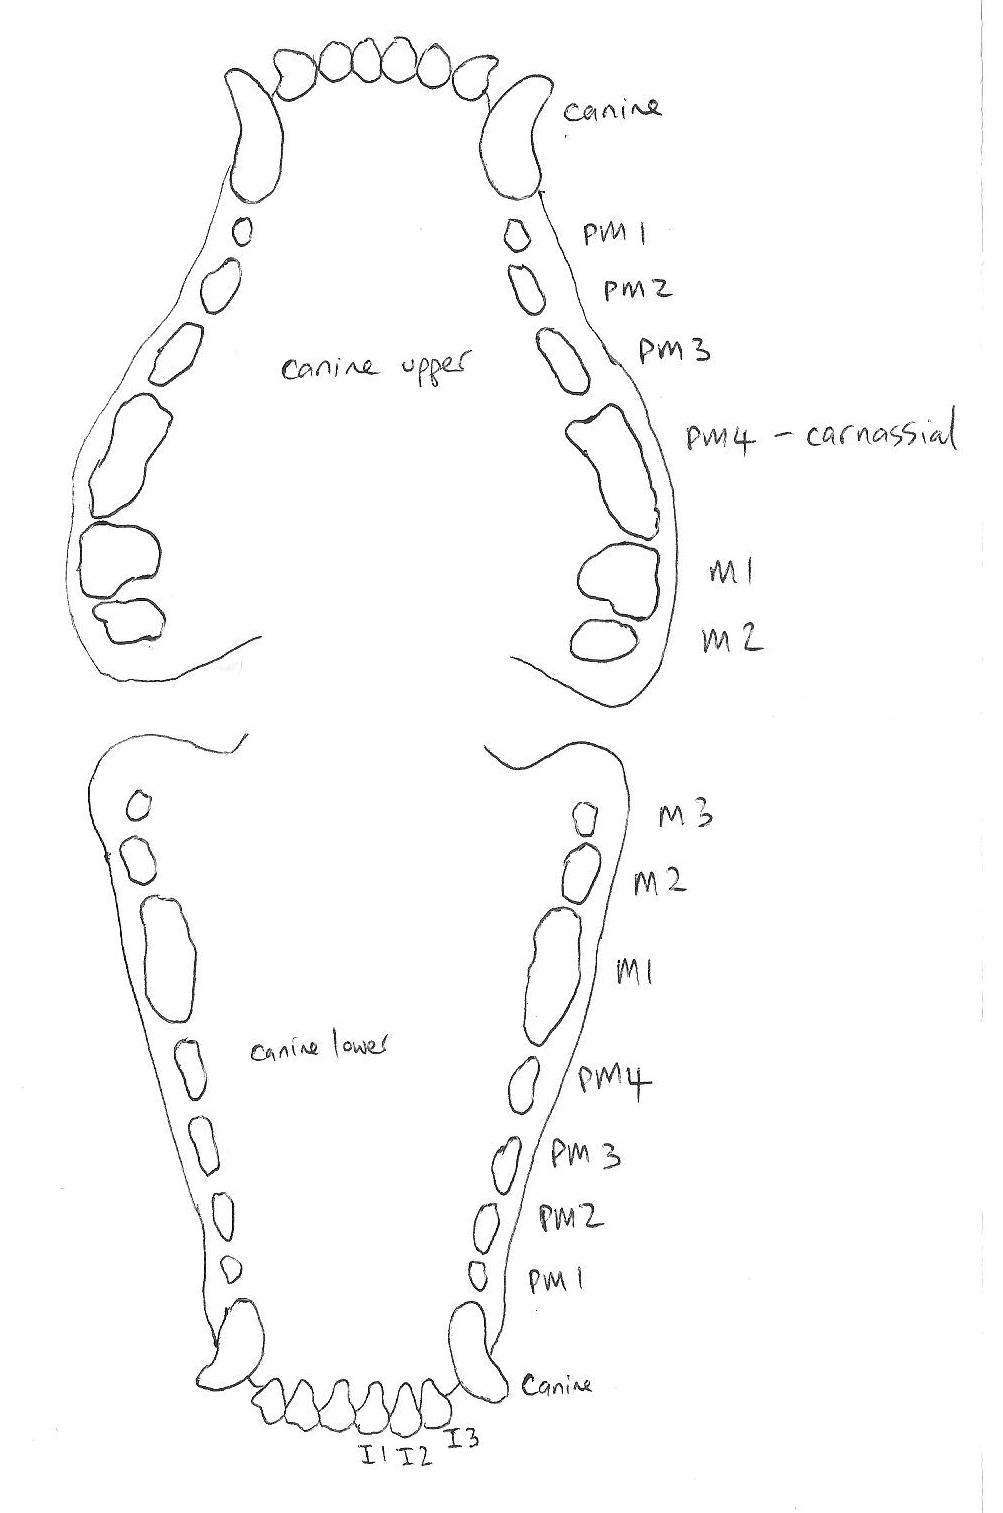 Case Report: Mandibular Fracture Repair